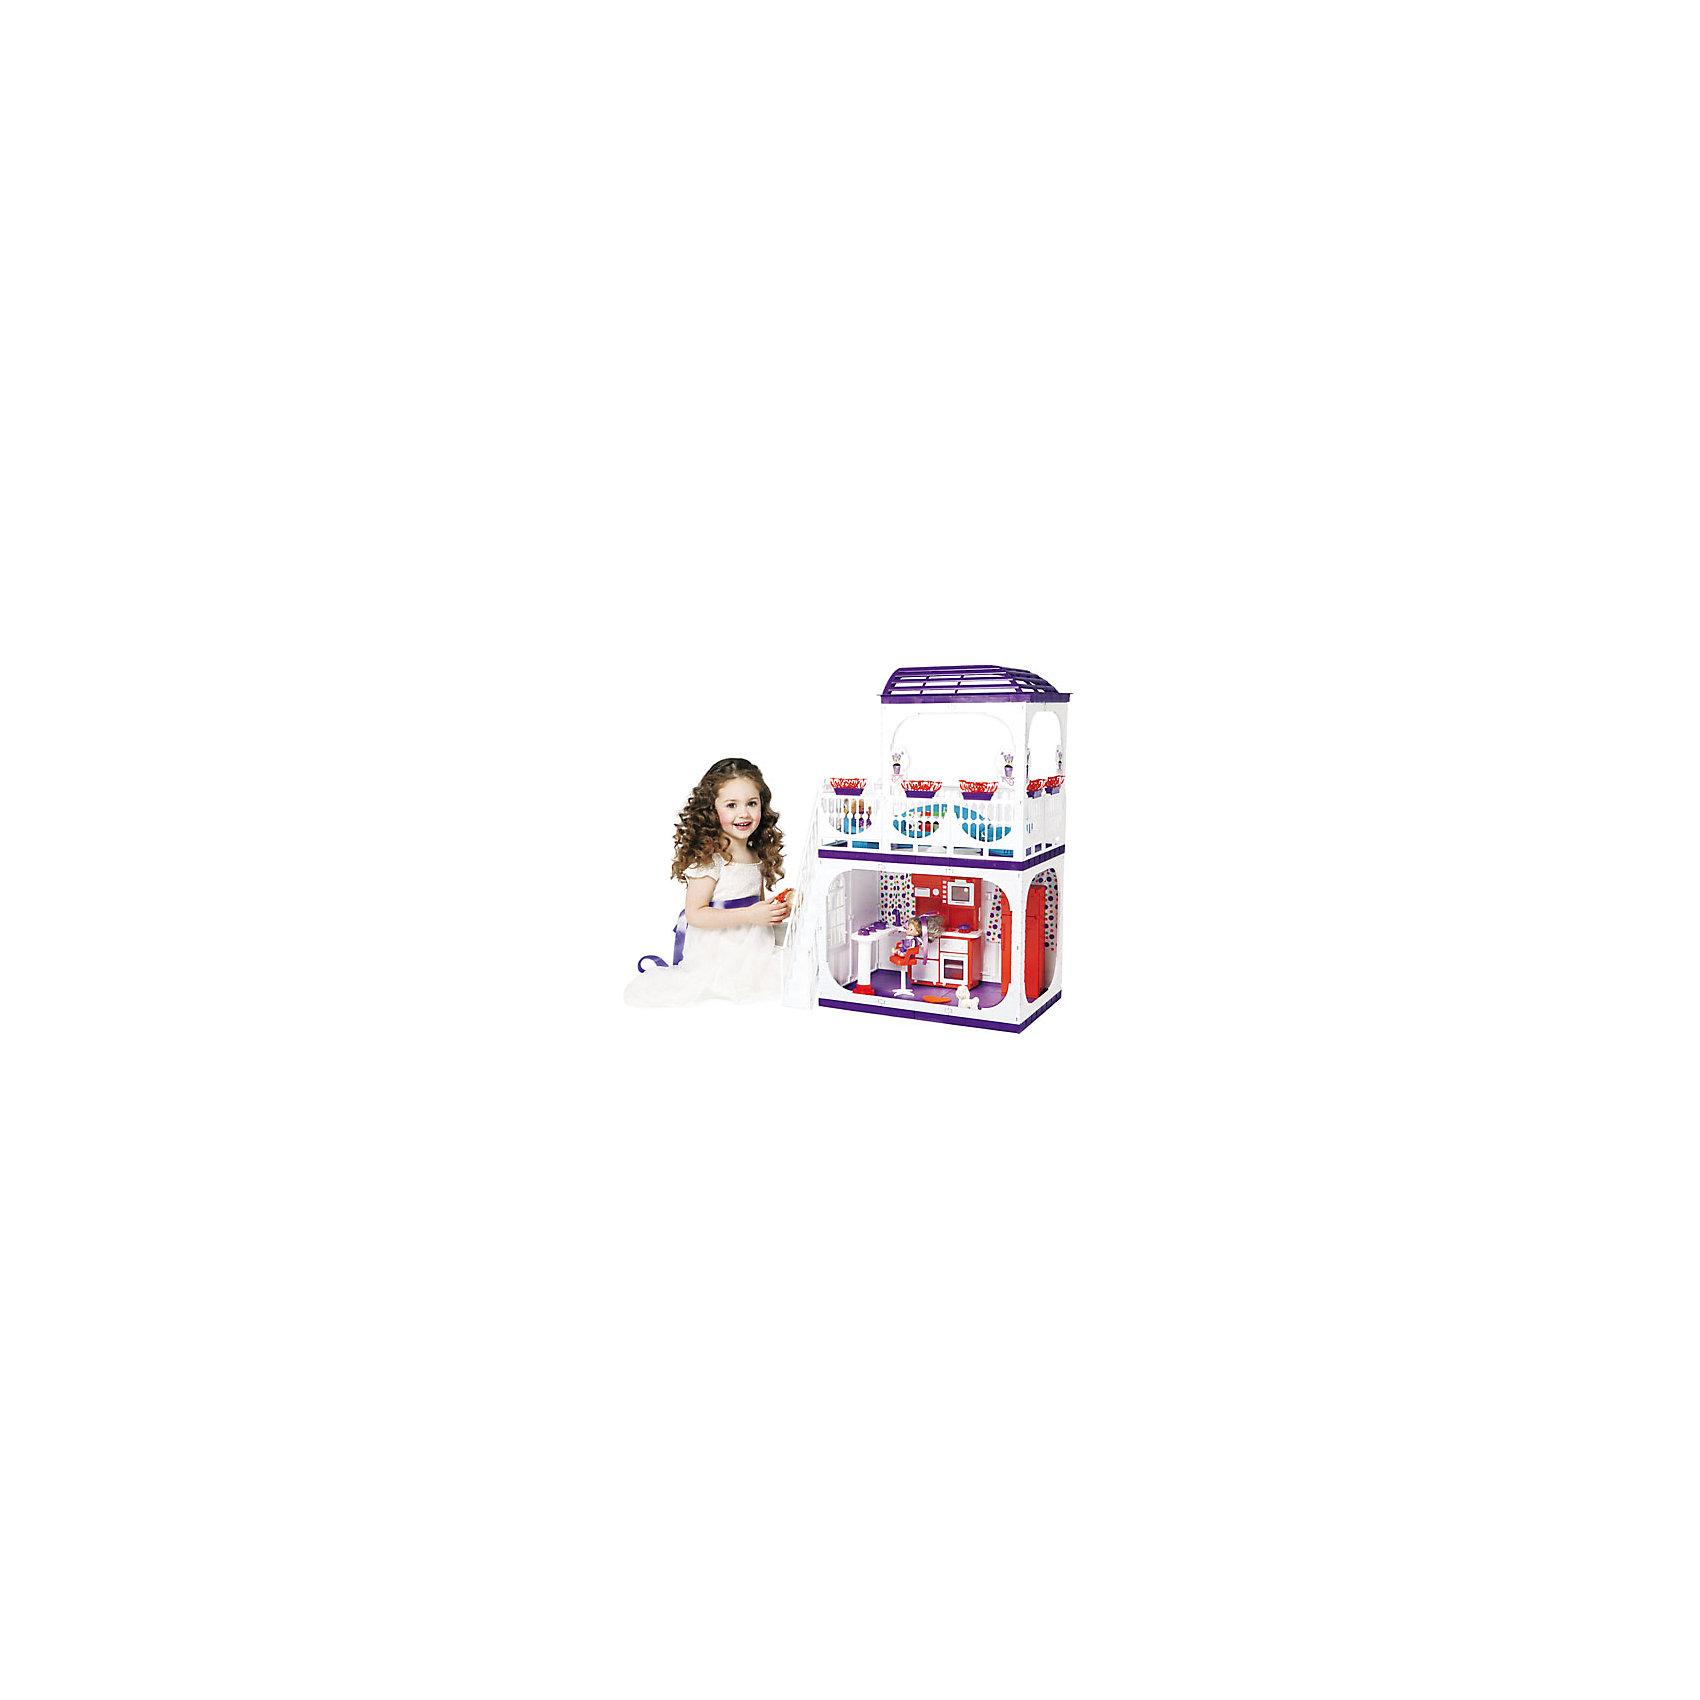 Дом для кукол Barbie Конфетти, ОгонекДомики и мебель<br>Характеристики товара:<br><br>• возраст: от 3 лет;<br>• материал: пластик;<br>• в комплекте: дом, горшки с цветами;<br>• подходит для кукол высотой до 30 см;<br>• размер домика: 120х82х33 см;<br>• размер упаковки: 35х23х15 см;<br>• вес упаковки: 5 кг;<br>• страна производитель: Россия.<br><br>Дом для кукол Barbie «Конфетти» Огонек без мебели — настоящий домик для любимой куколки девочки. Дом подойдет для кукол до 30 см. Дом состоит из двух этажей. На первом этаже комната, а на втором открытая терраса с куполом для летнего отдыха. Терраса окружена ажурными ограждениями. На террасу ведет белая лестница. Дом изготовлен из качественного прочного пластика.<br><br>Дом для кукол Barbie «Конфетти» Огонек без мебели можно приобрести в нашем интернет-магазине.<br><br>Ширина мм: 235<br>Глубина мм: 150<br>Высота мм: 350<br>Вес г: 5000<br>Возраст от месяцев: 36<br>Возраст до месяцев: 2147483647<br>Пол: Женский<br>Возраст: Детский<br>SKU: 4575888